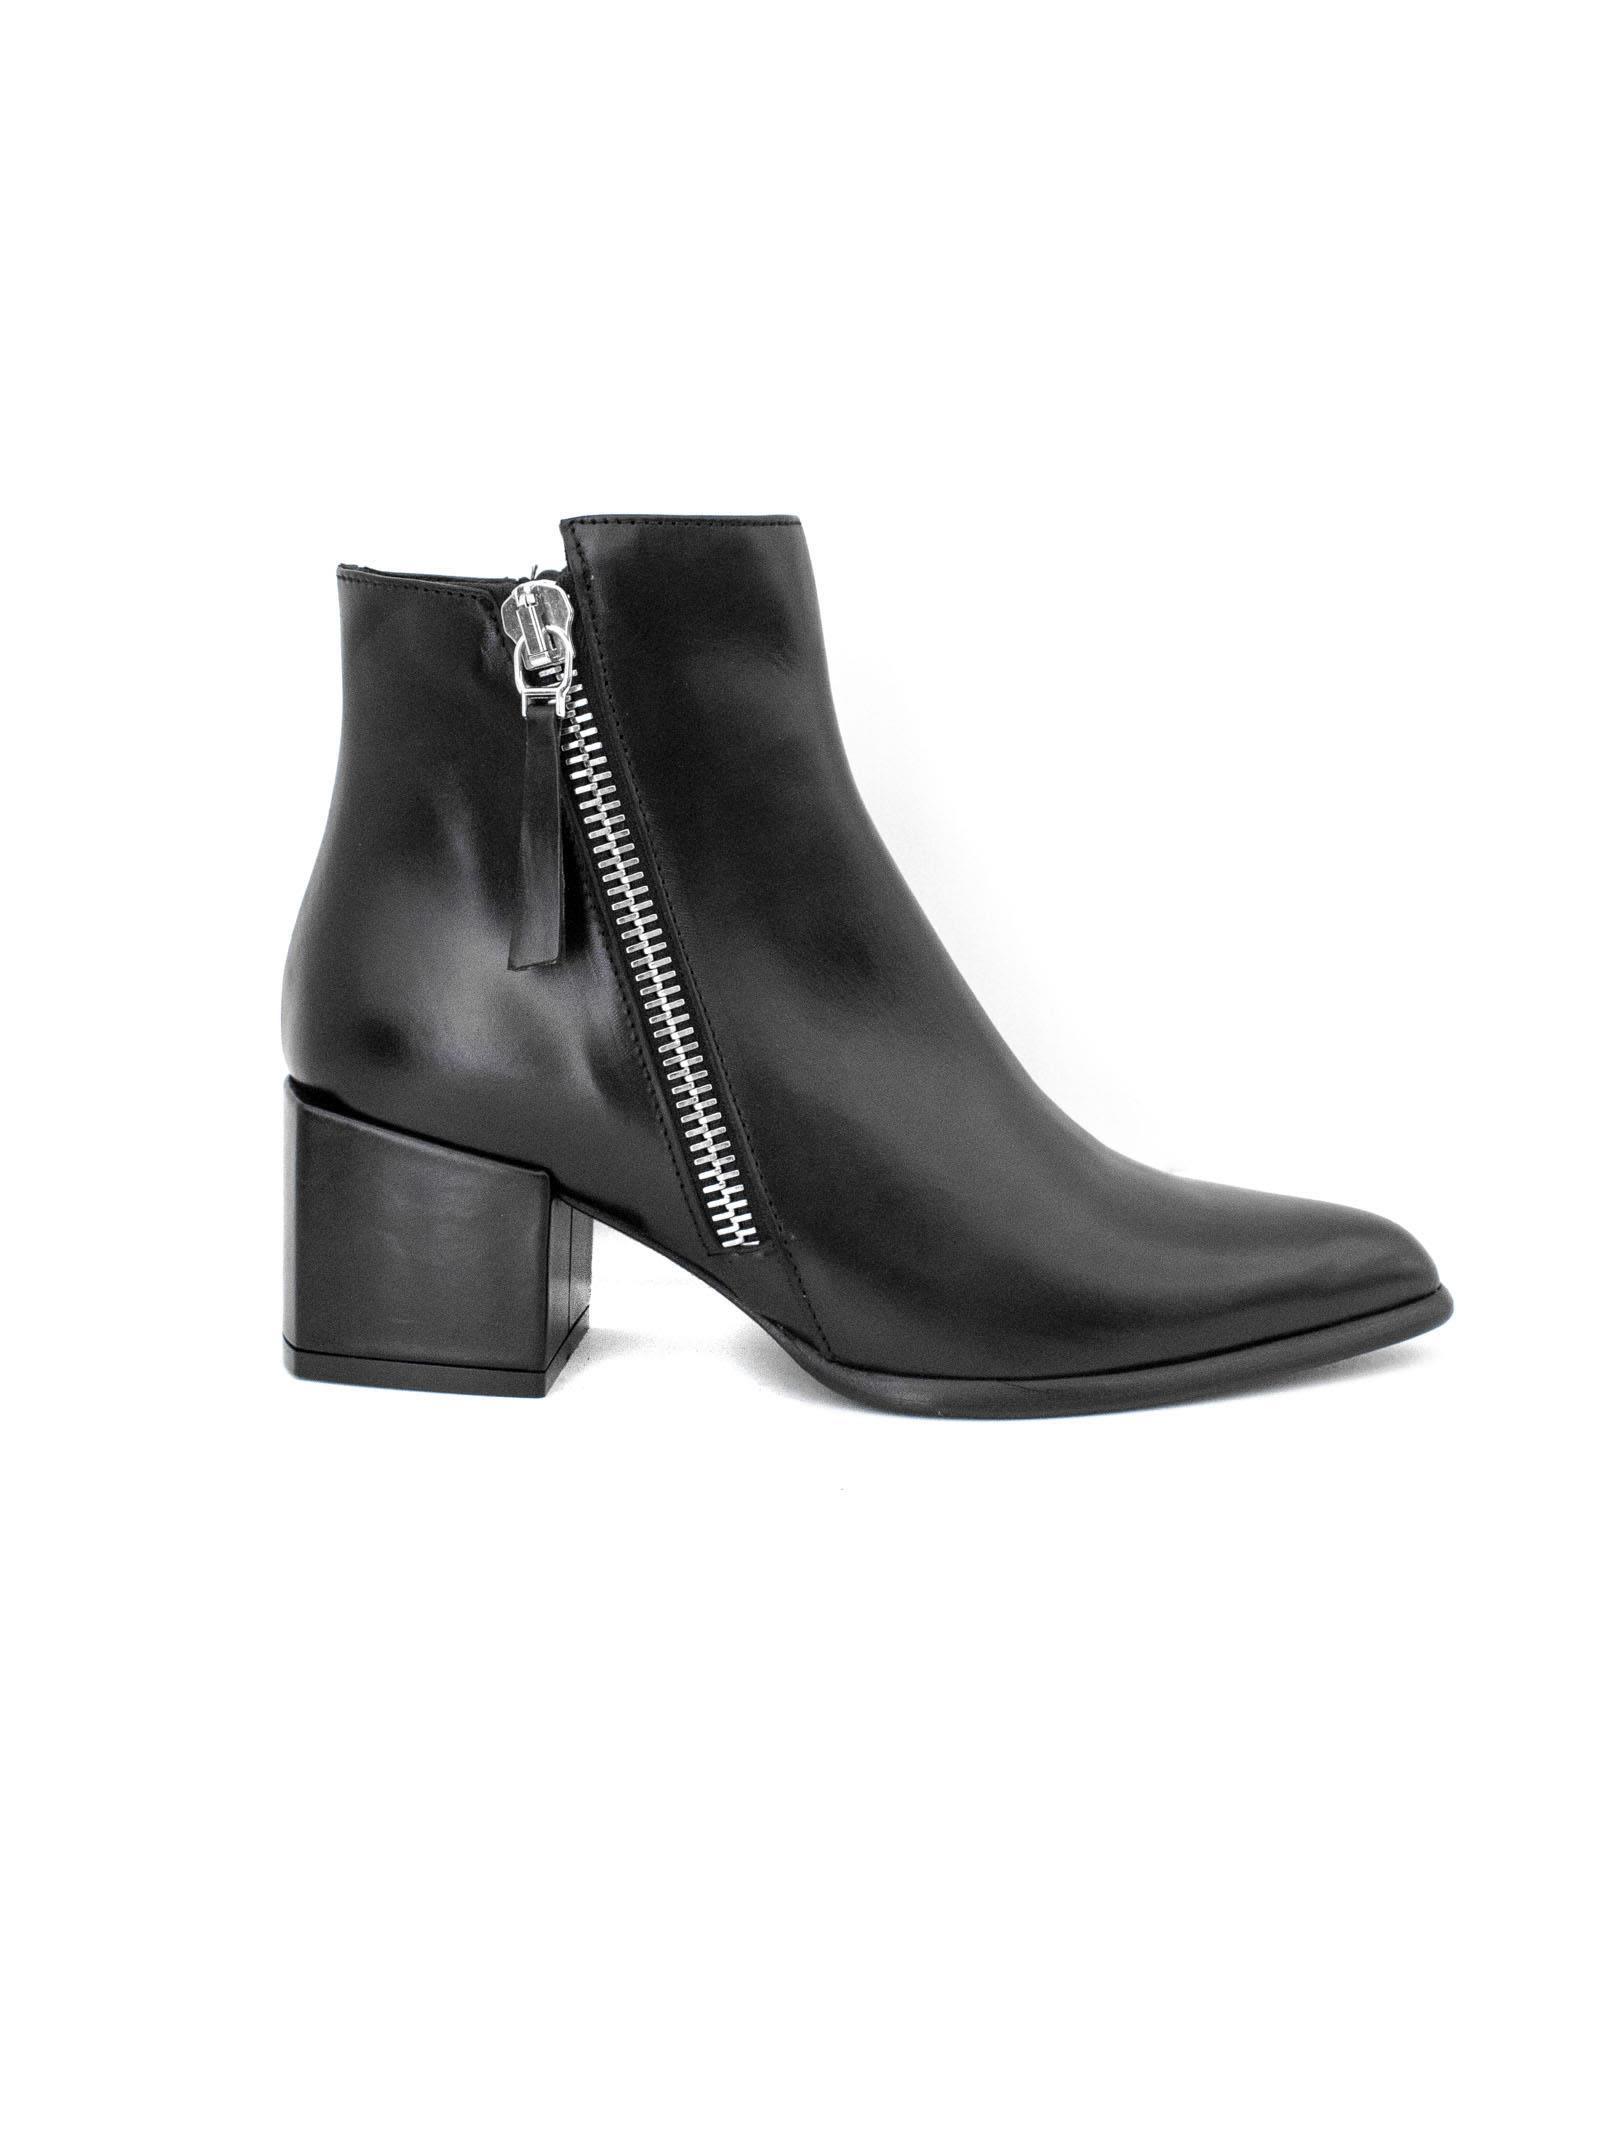 ROBERTO FESTA Daniela Ankle Boot In Black Leather. in Nero